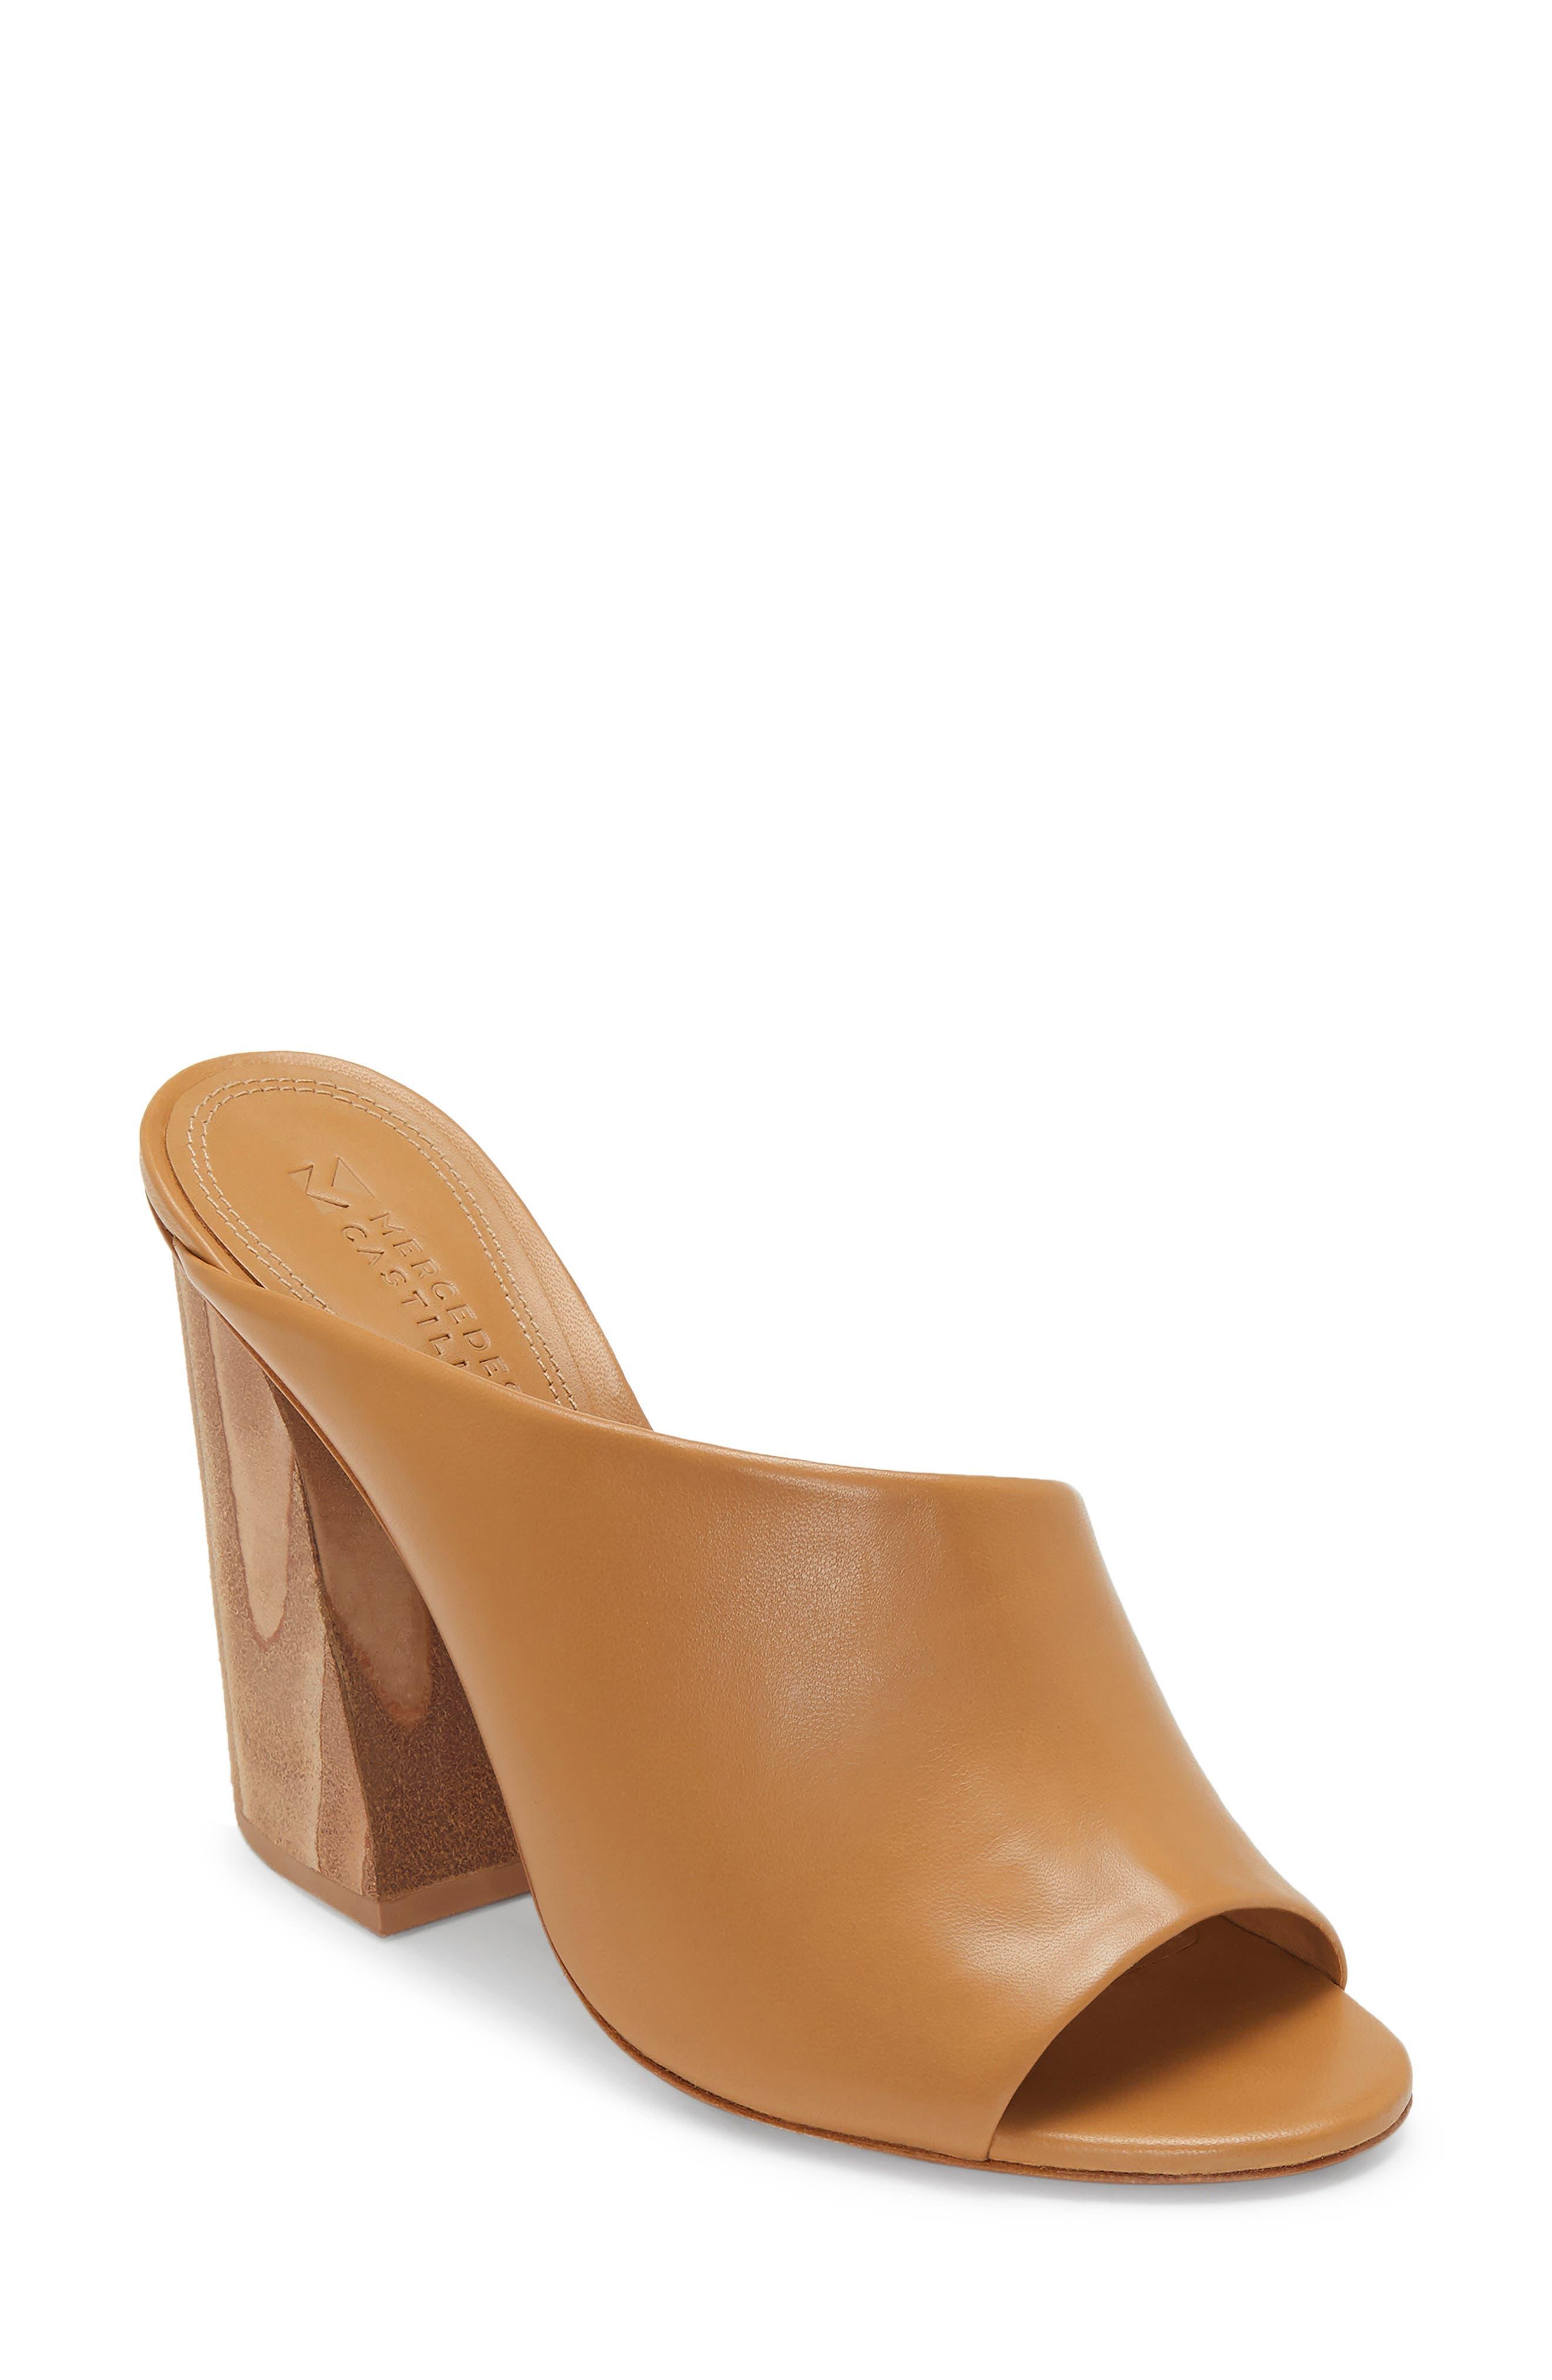 4f5c93bdd Mercedes Castillo Shoes